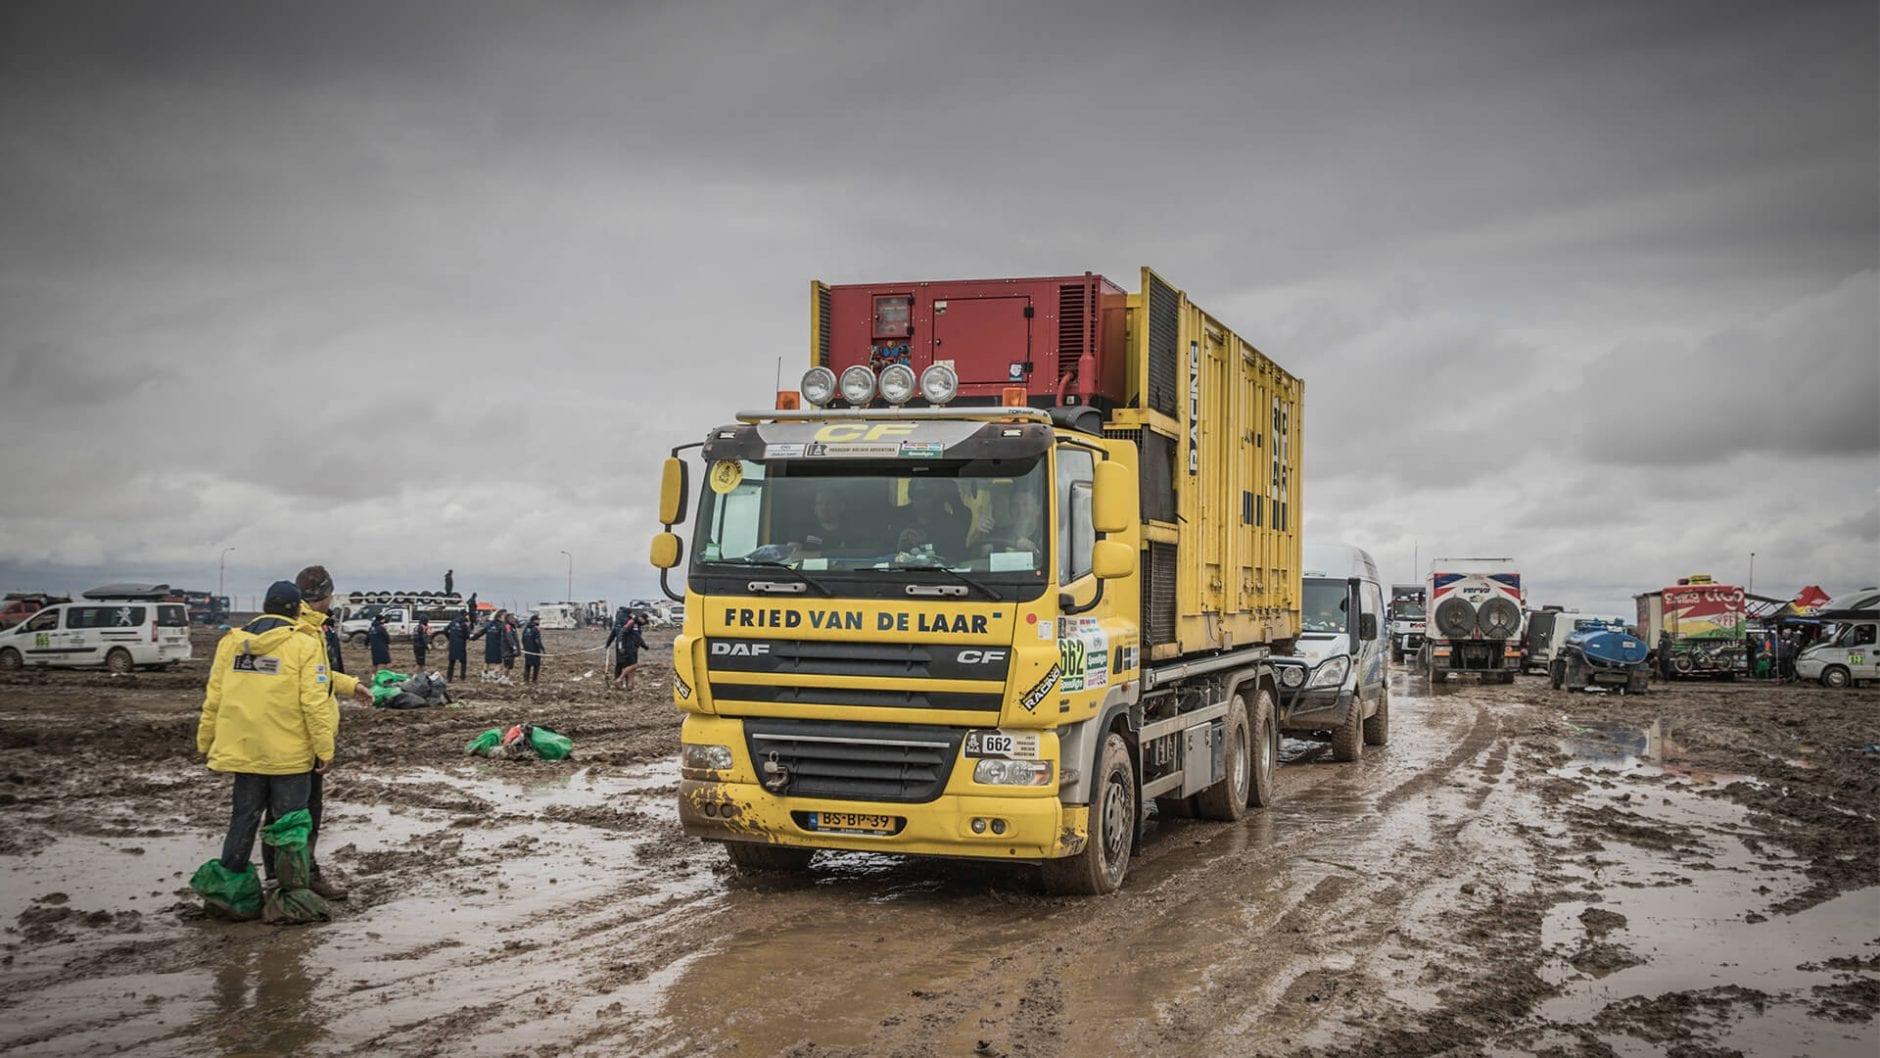 Fried van de Laar Racing - Dakar 2017